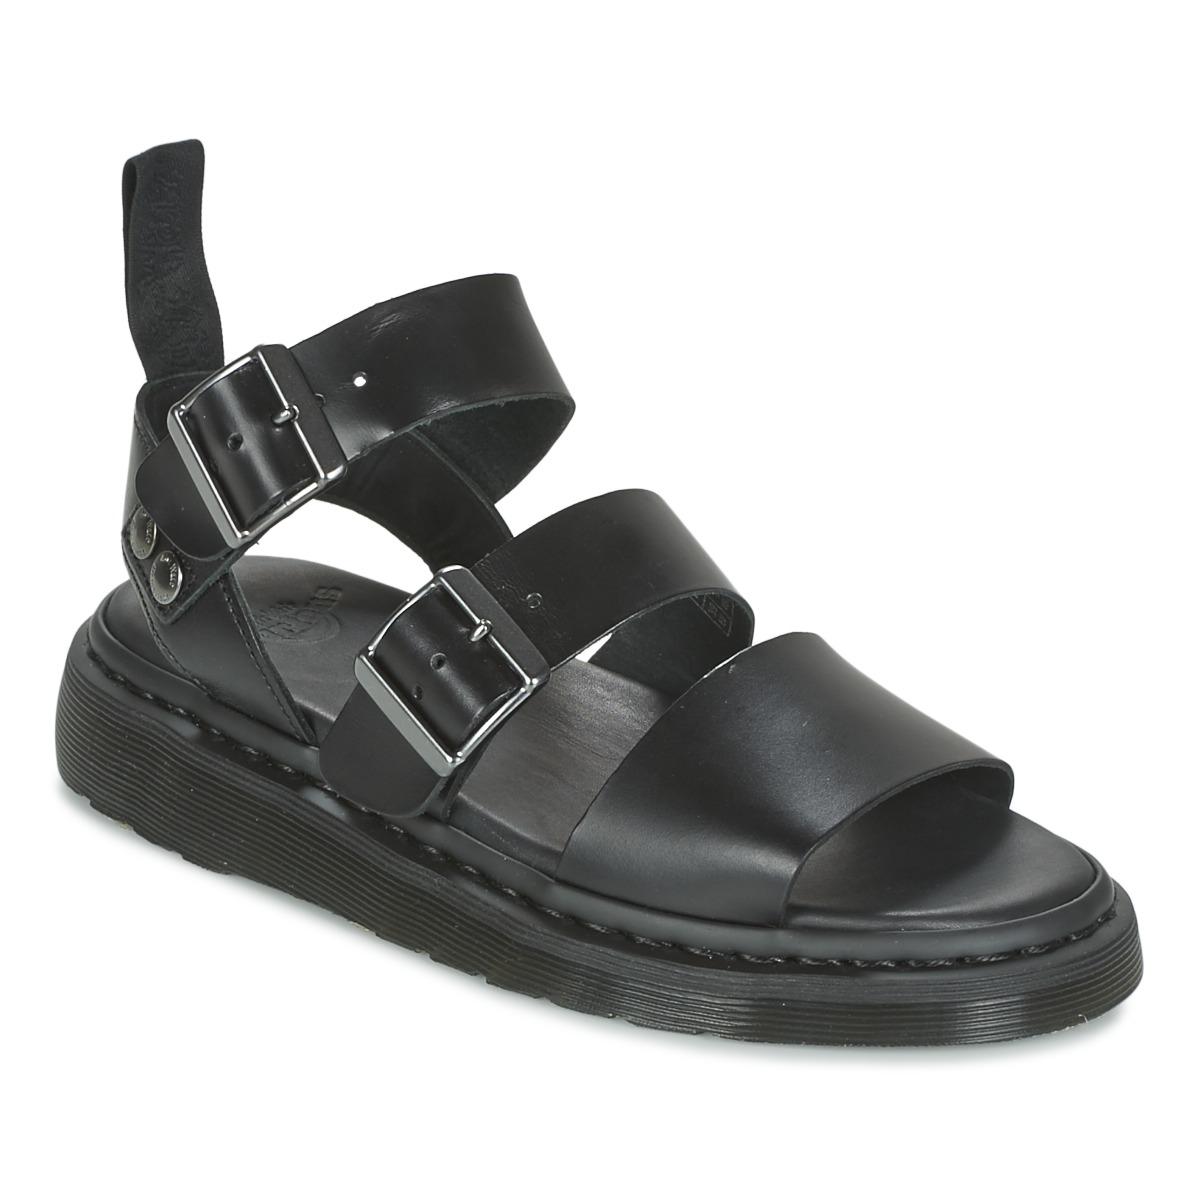 ded5b0399eb Dr Martens Gryphon Noir - Chaussures Sandale 134